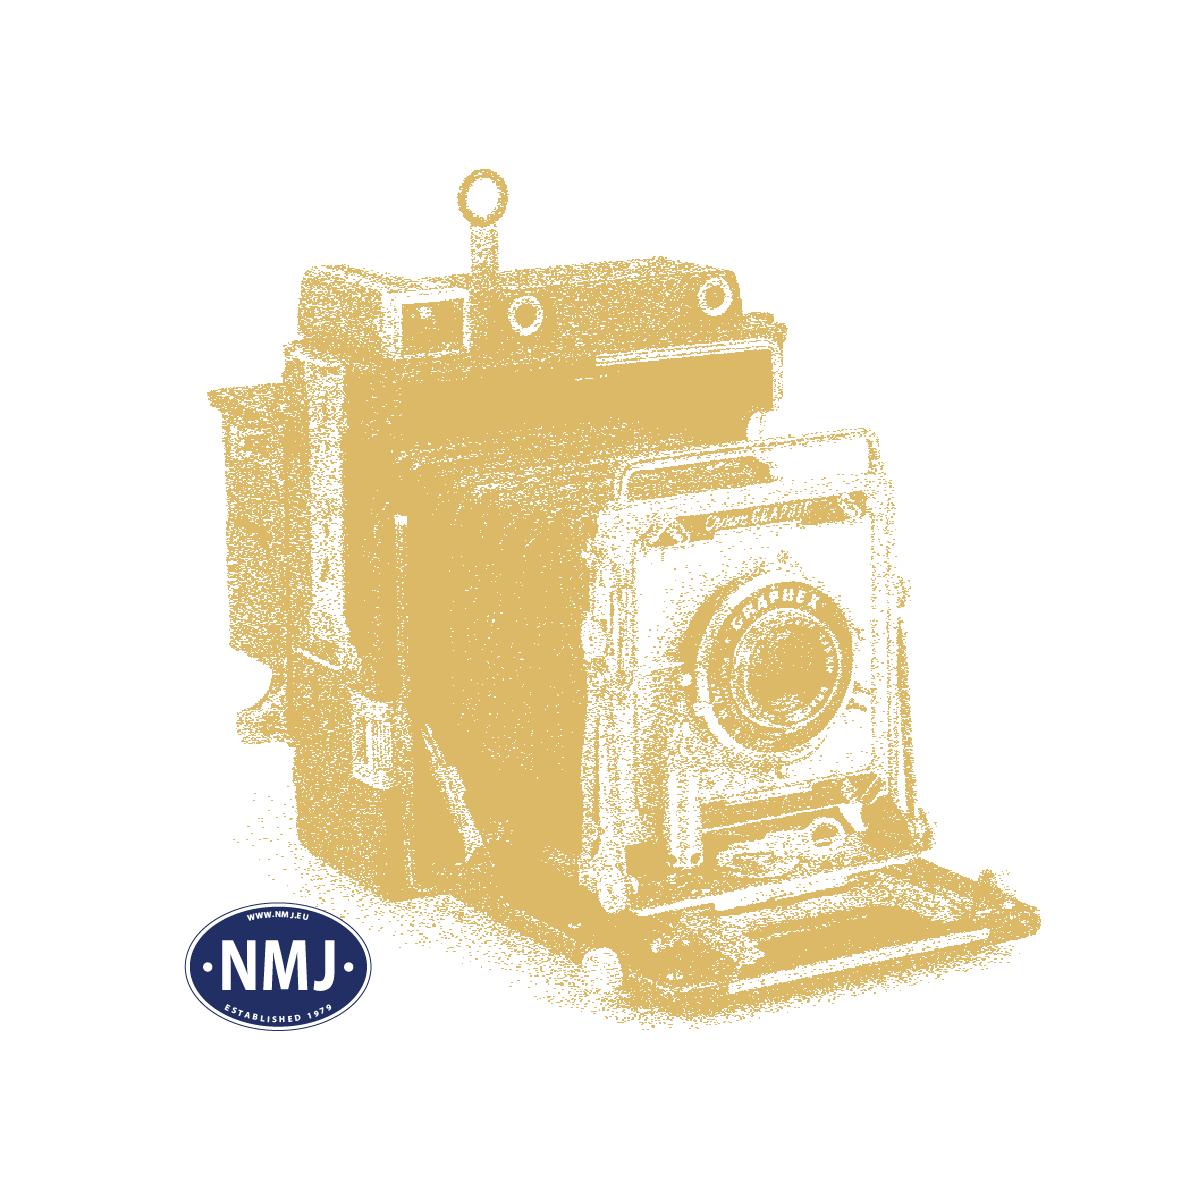 NMJ Topline Bm69.007 m/ Interiørlys, Figurer og DCC digitaldekoder